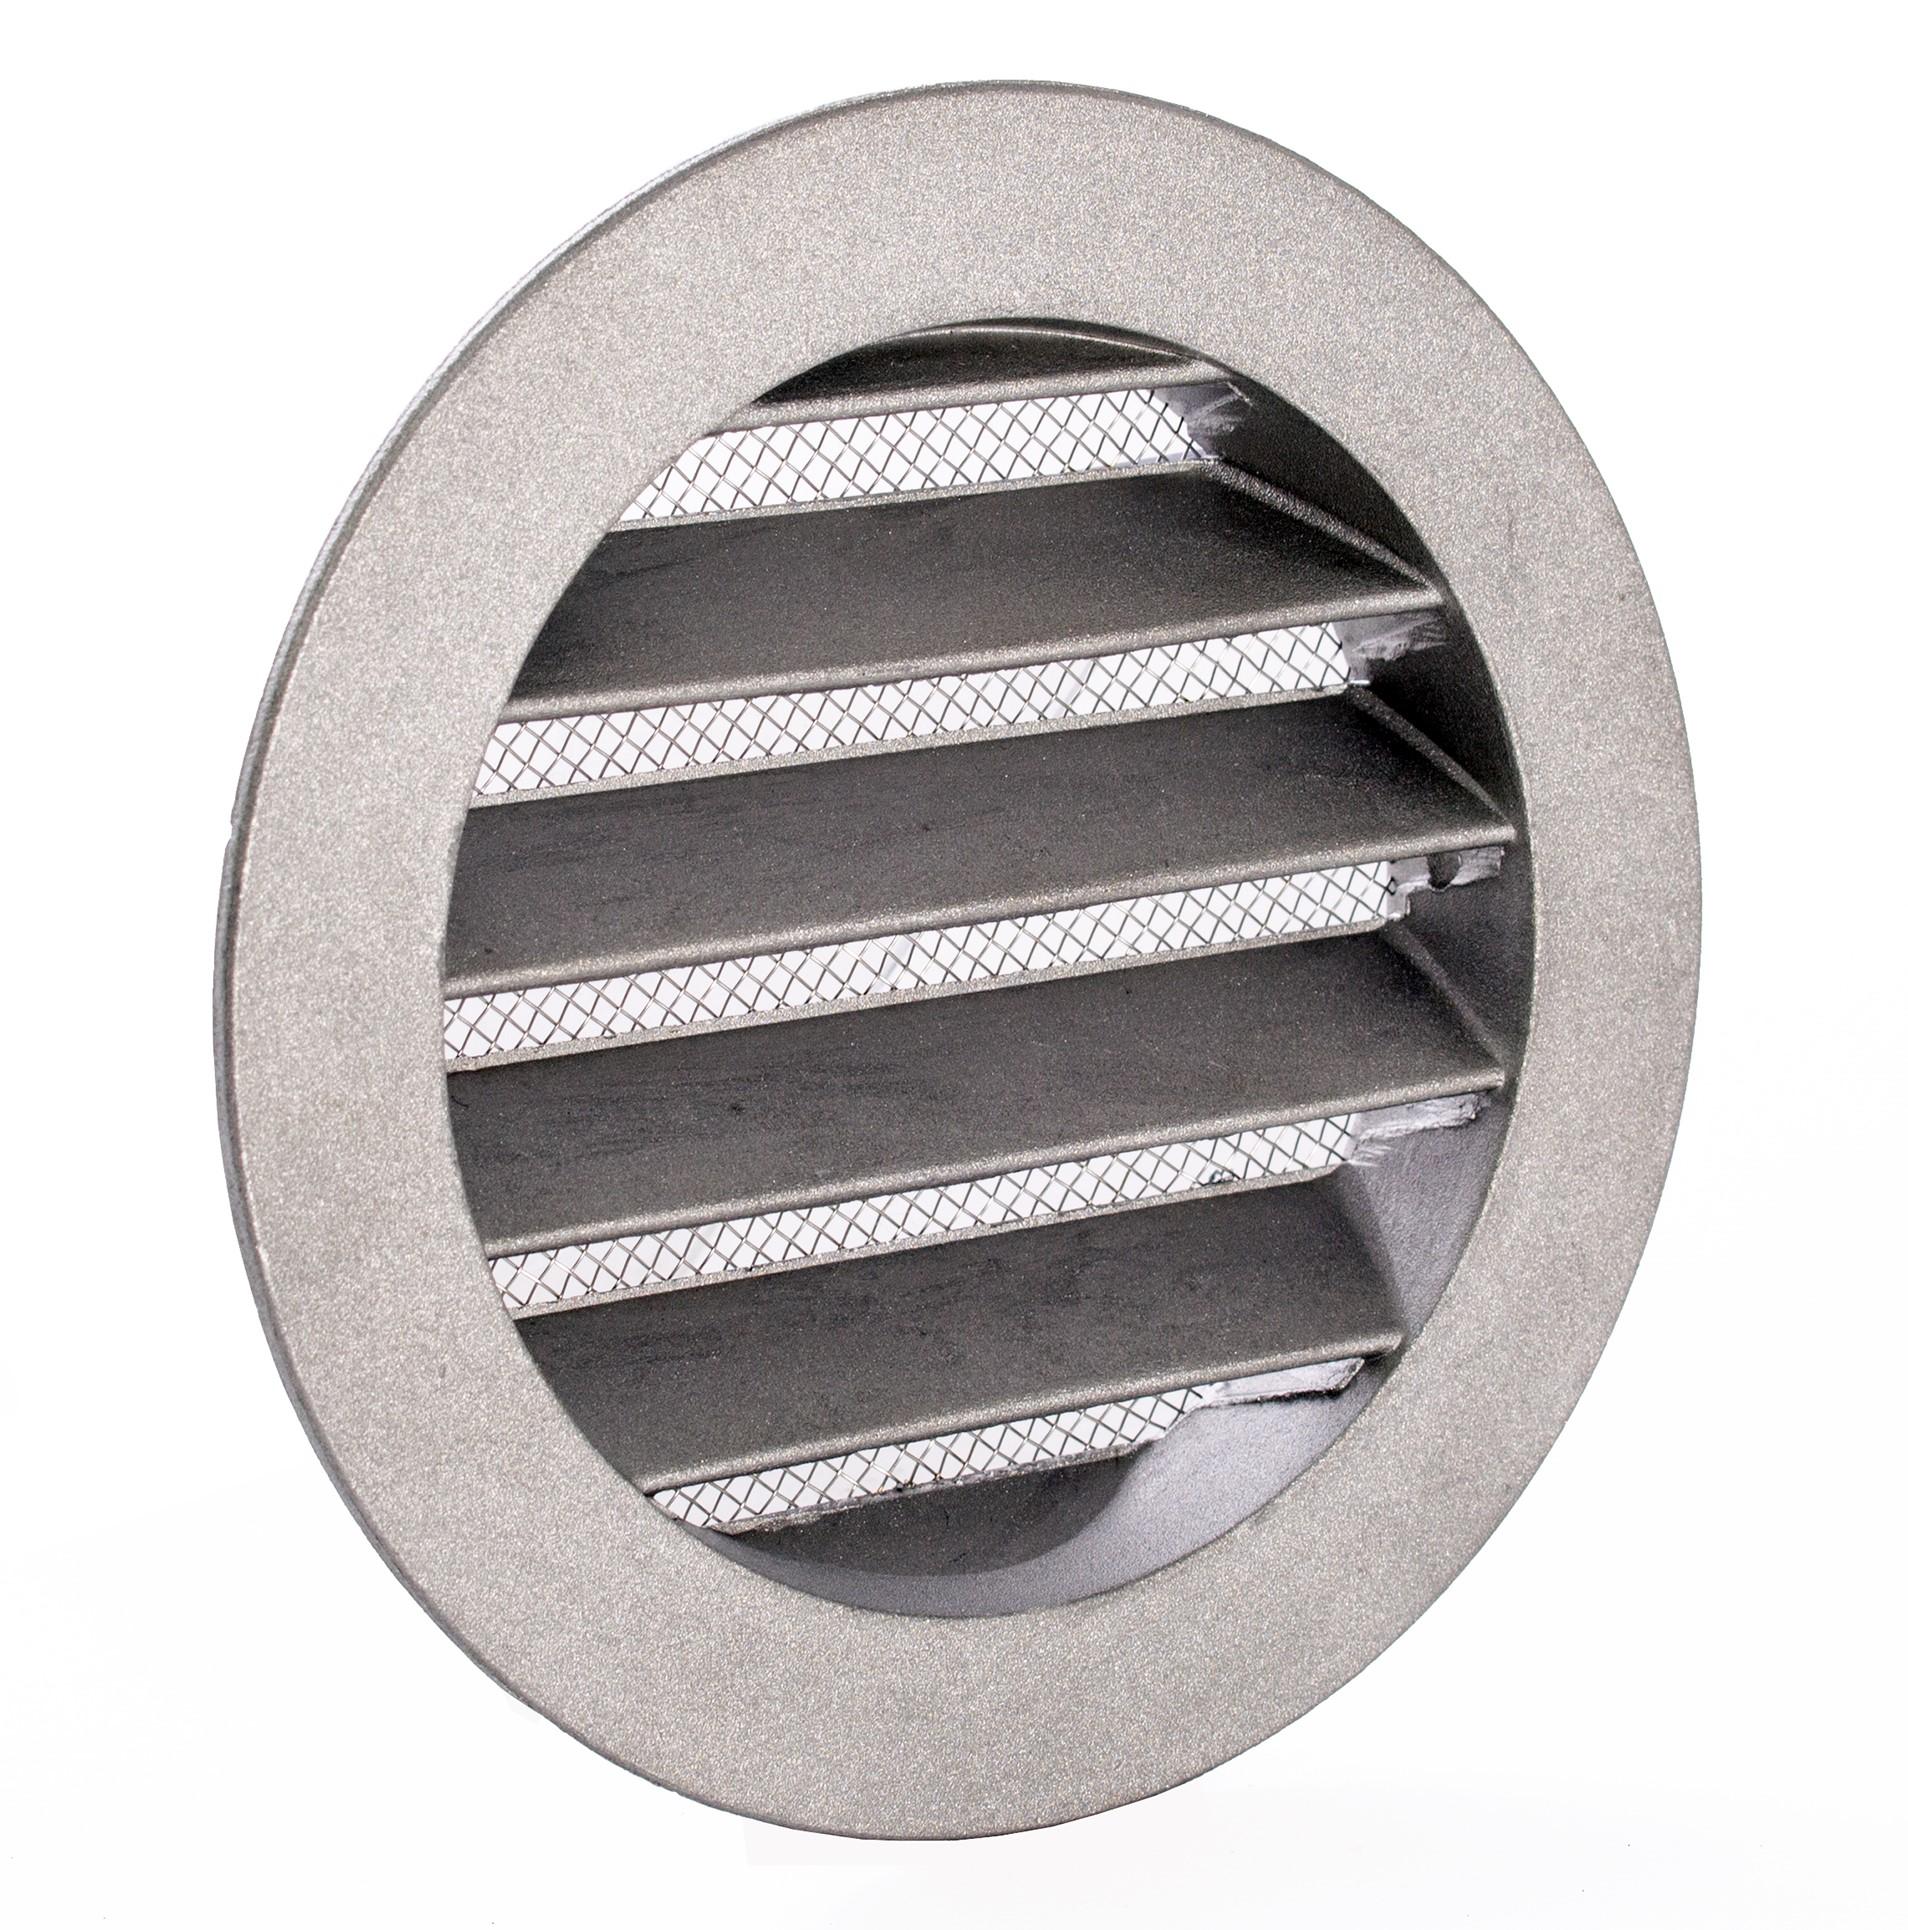 Lüftungsgitter aus Metall mit Flansch und Insektenschutzgitter Ø 20 mm